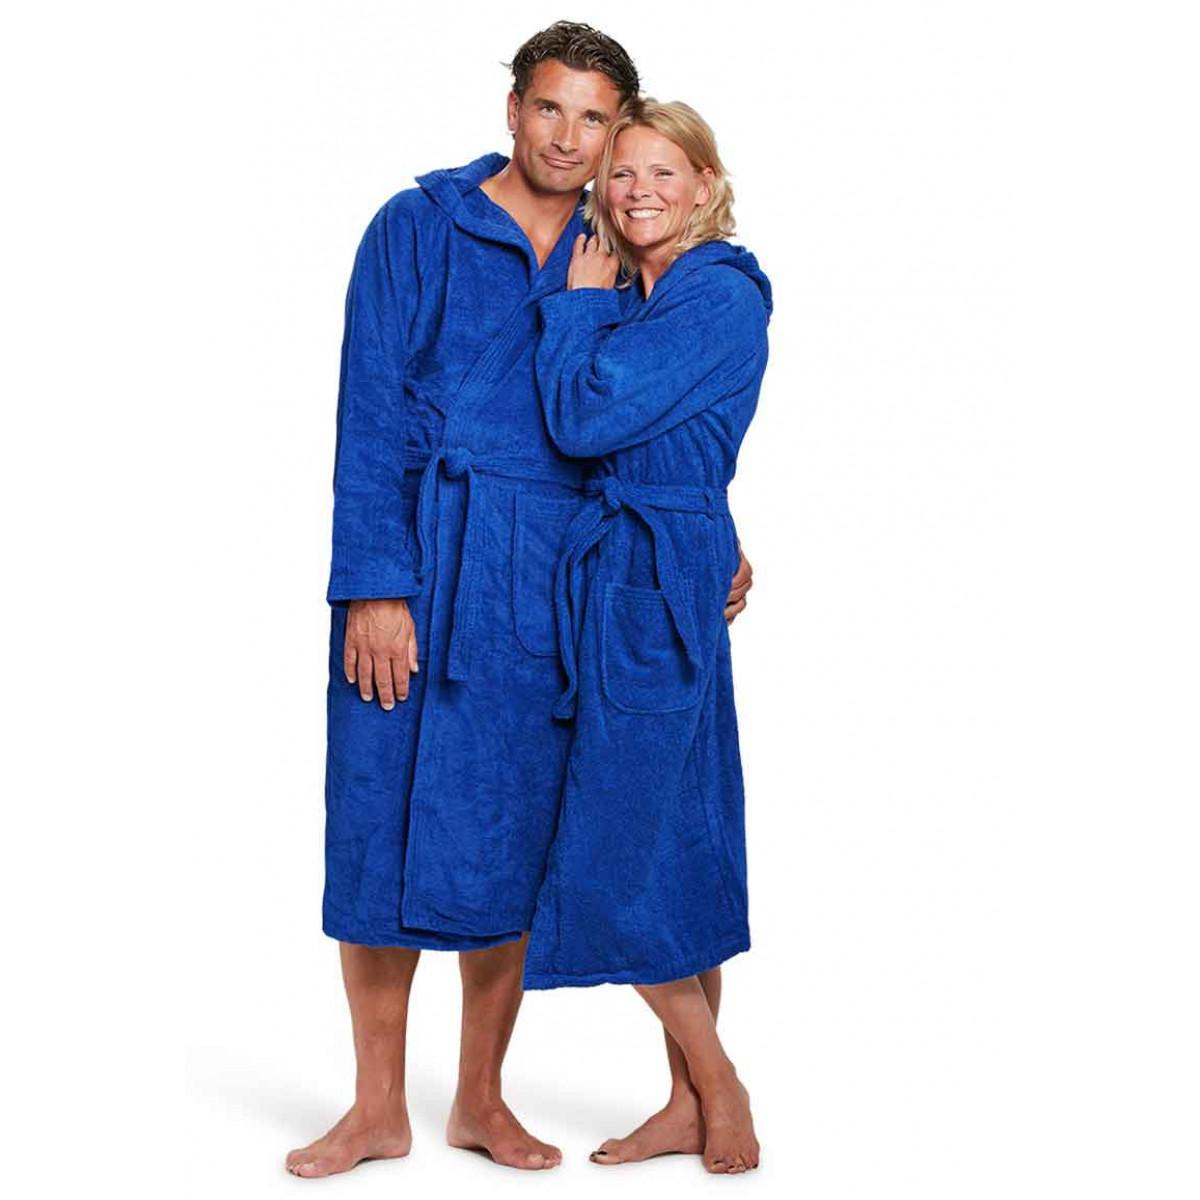 Koningsblauwe badjas